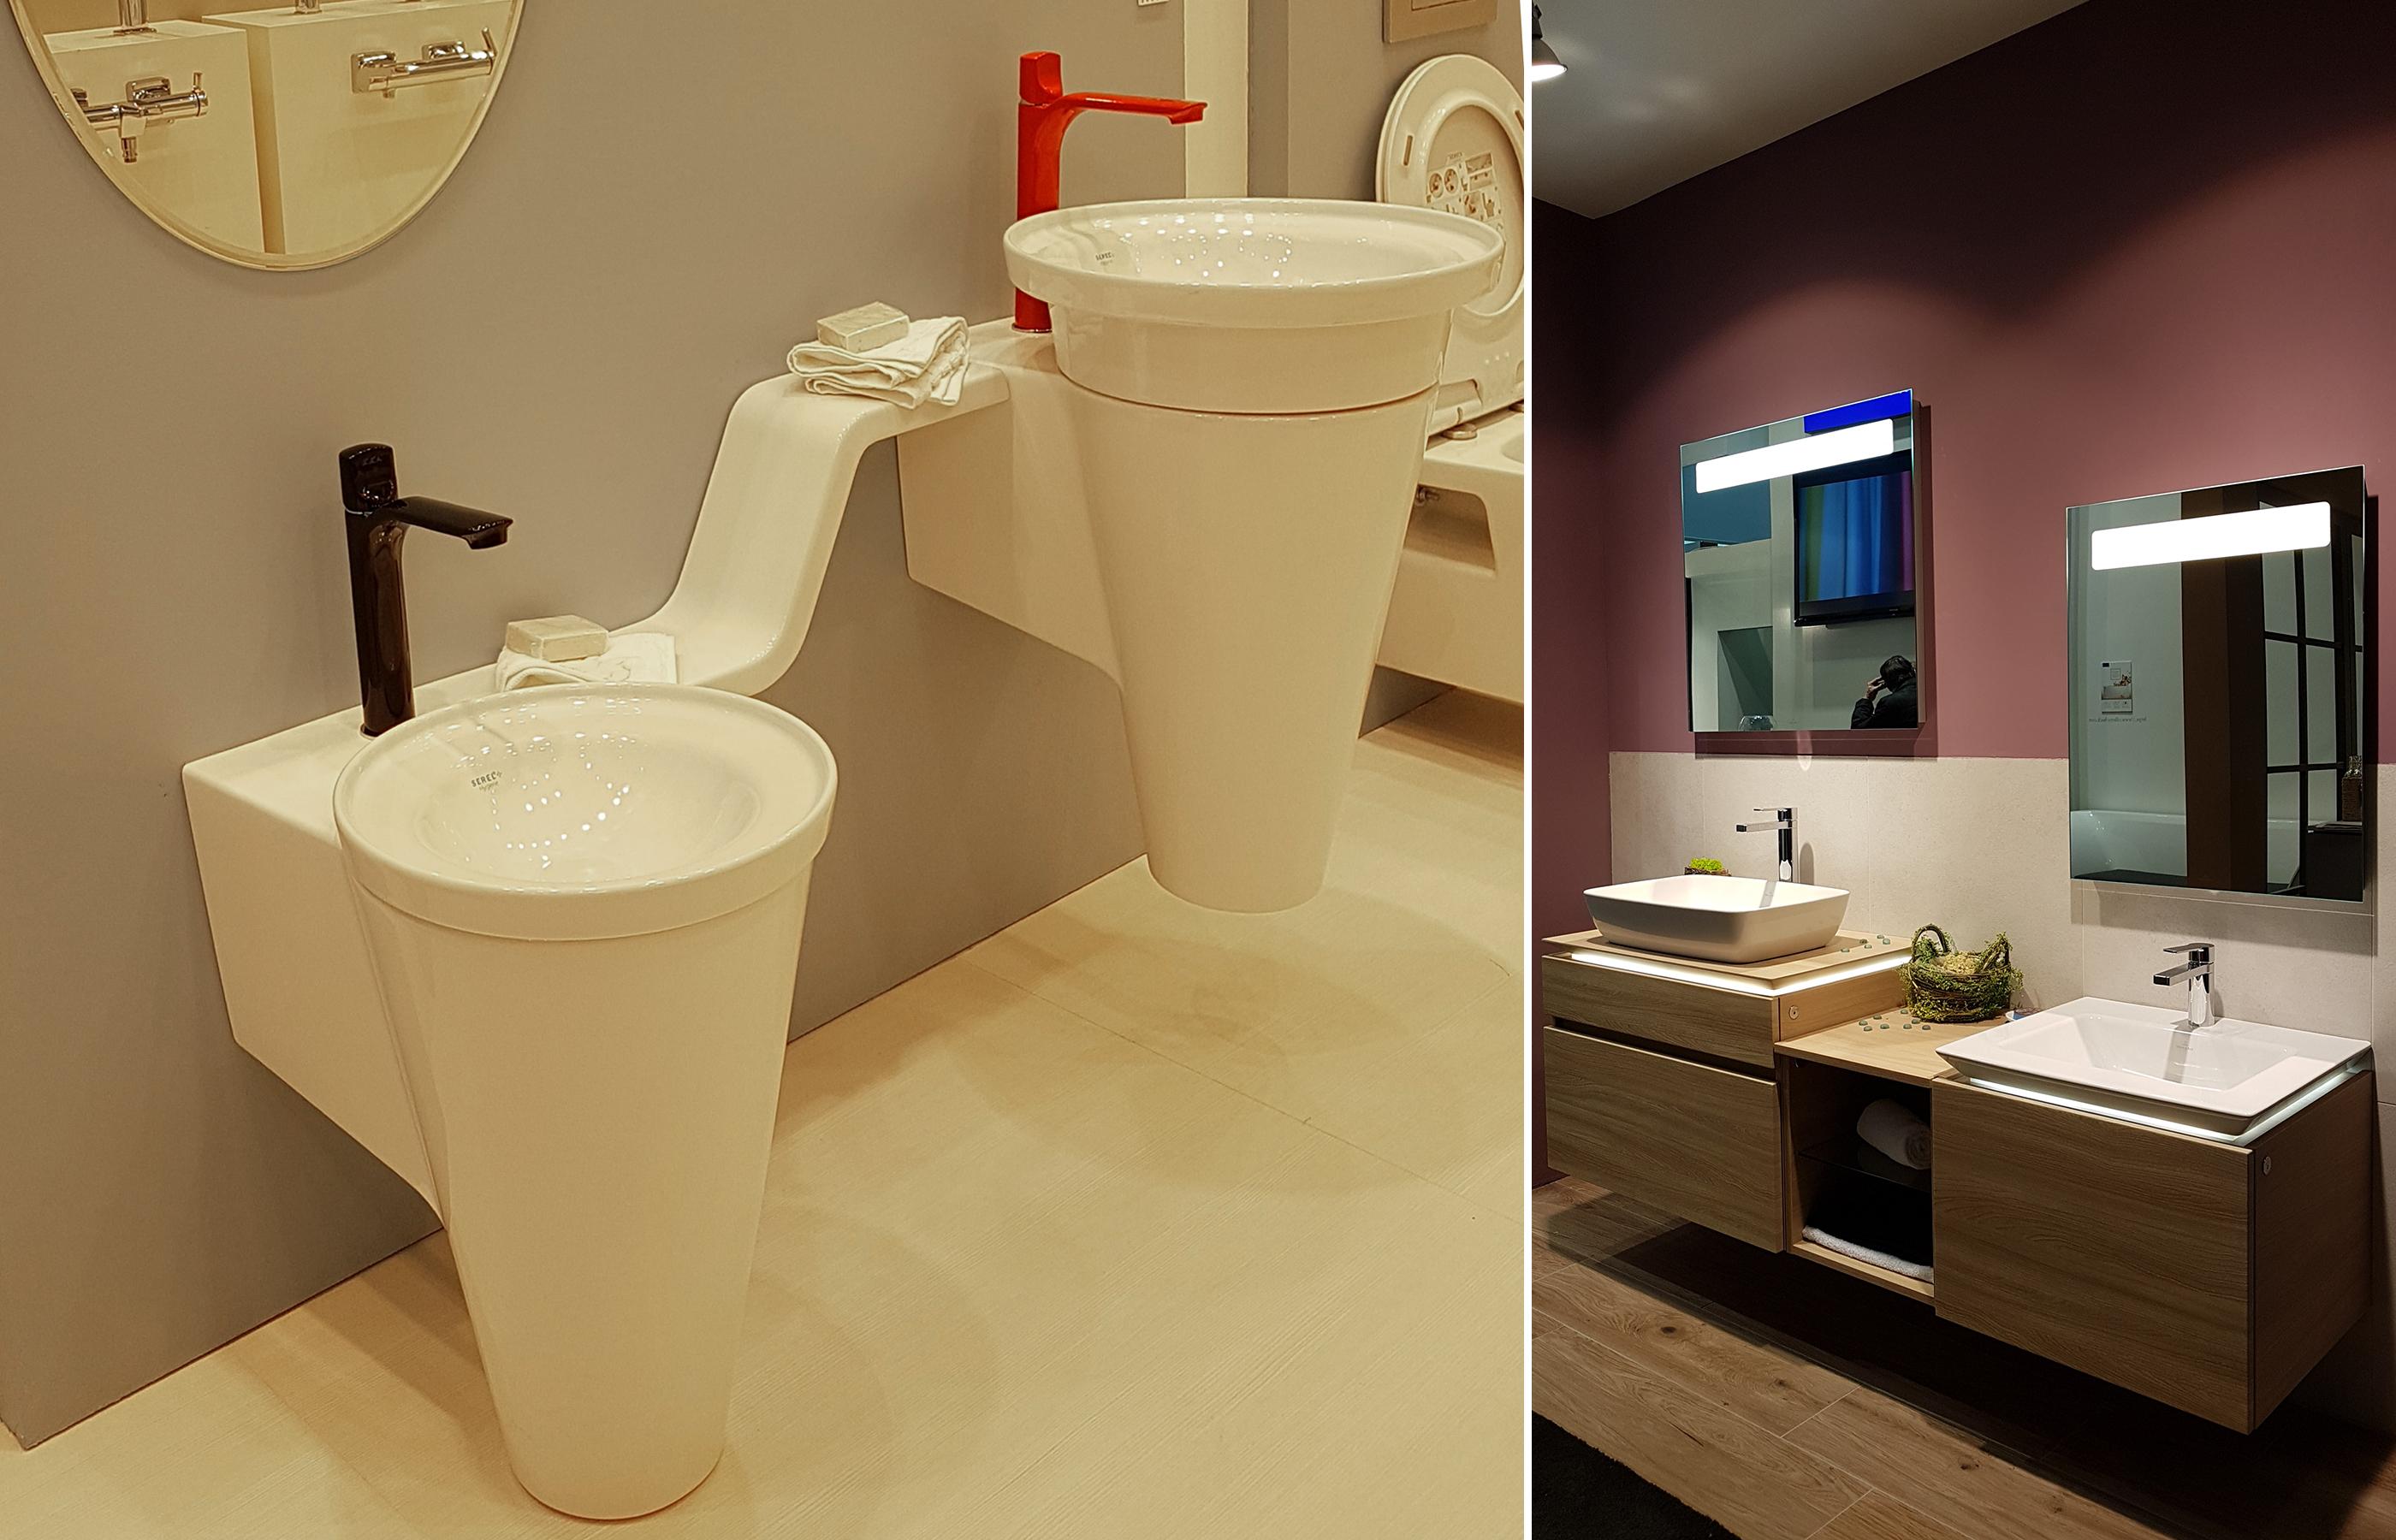 Детская и взрослая раковина в интерьере ванной комнаты